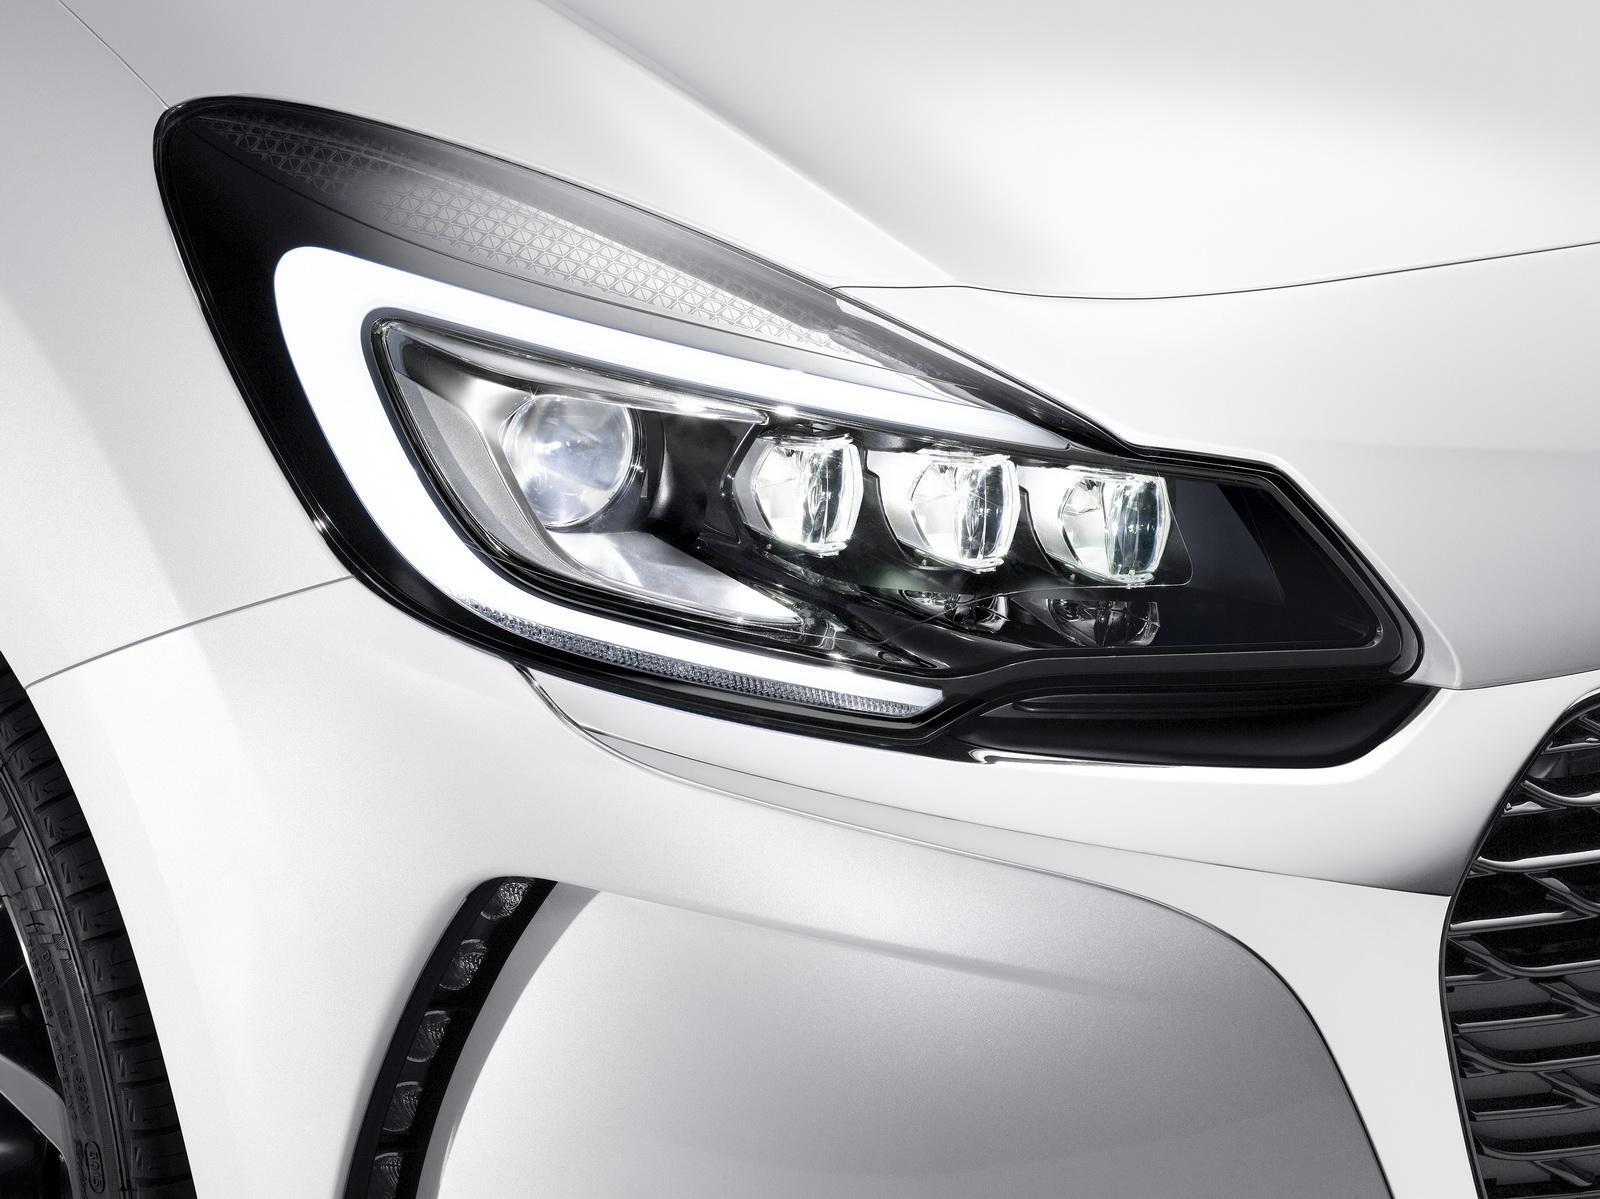 DS Automobiles - 2016 - Nouvelle DS 3 - optique avant / front light